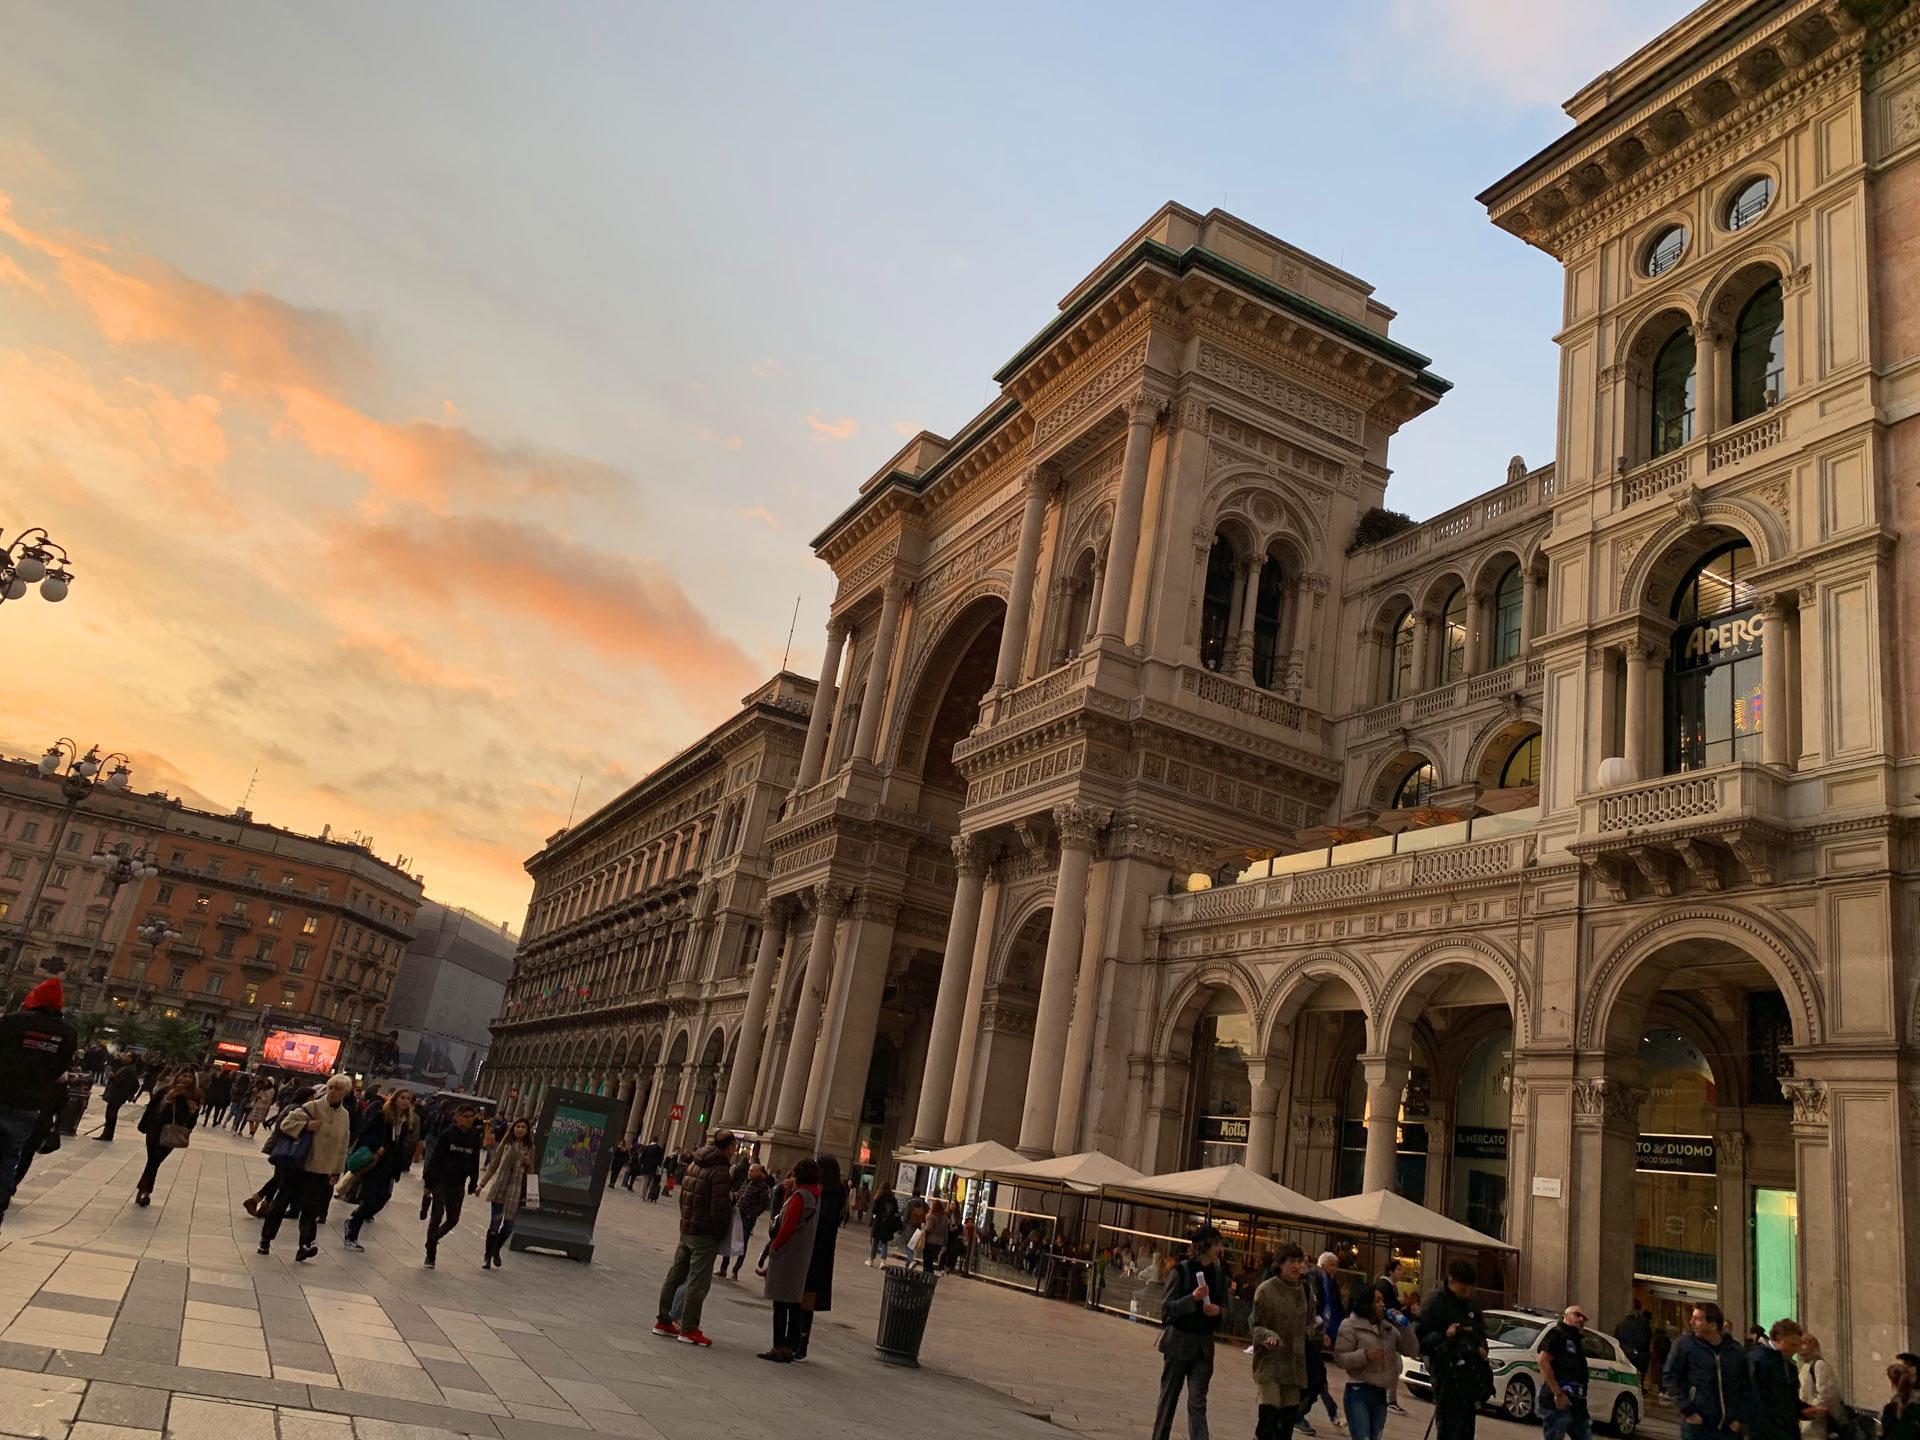 バイク天国☆イタリアの旅 その5 ミラノ街を散策_d0099181_11193501.jpg